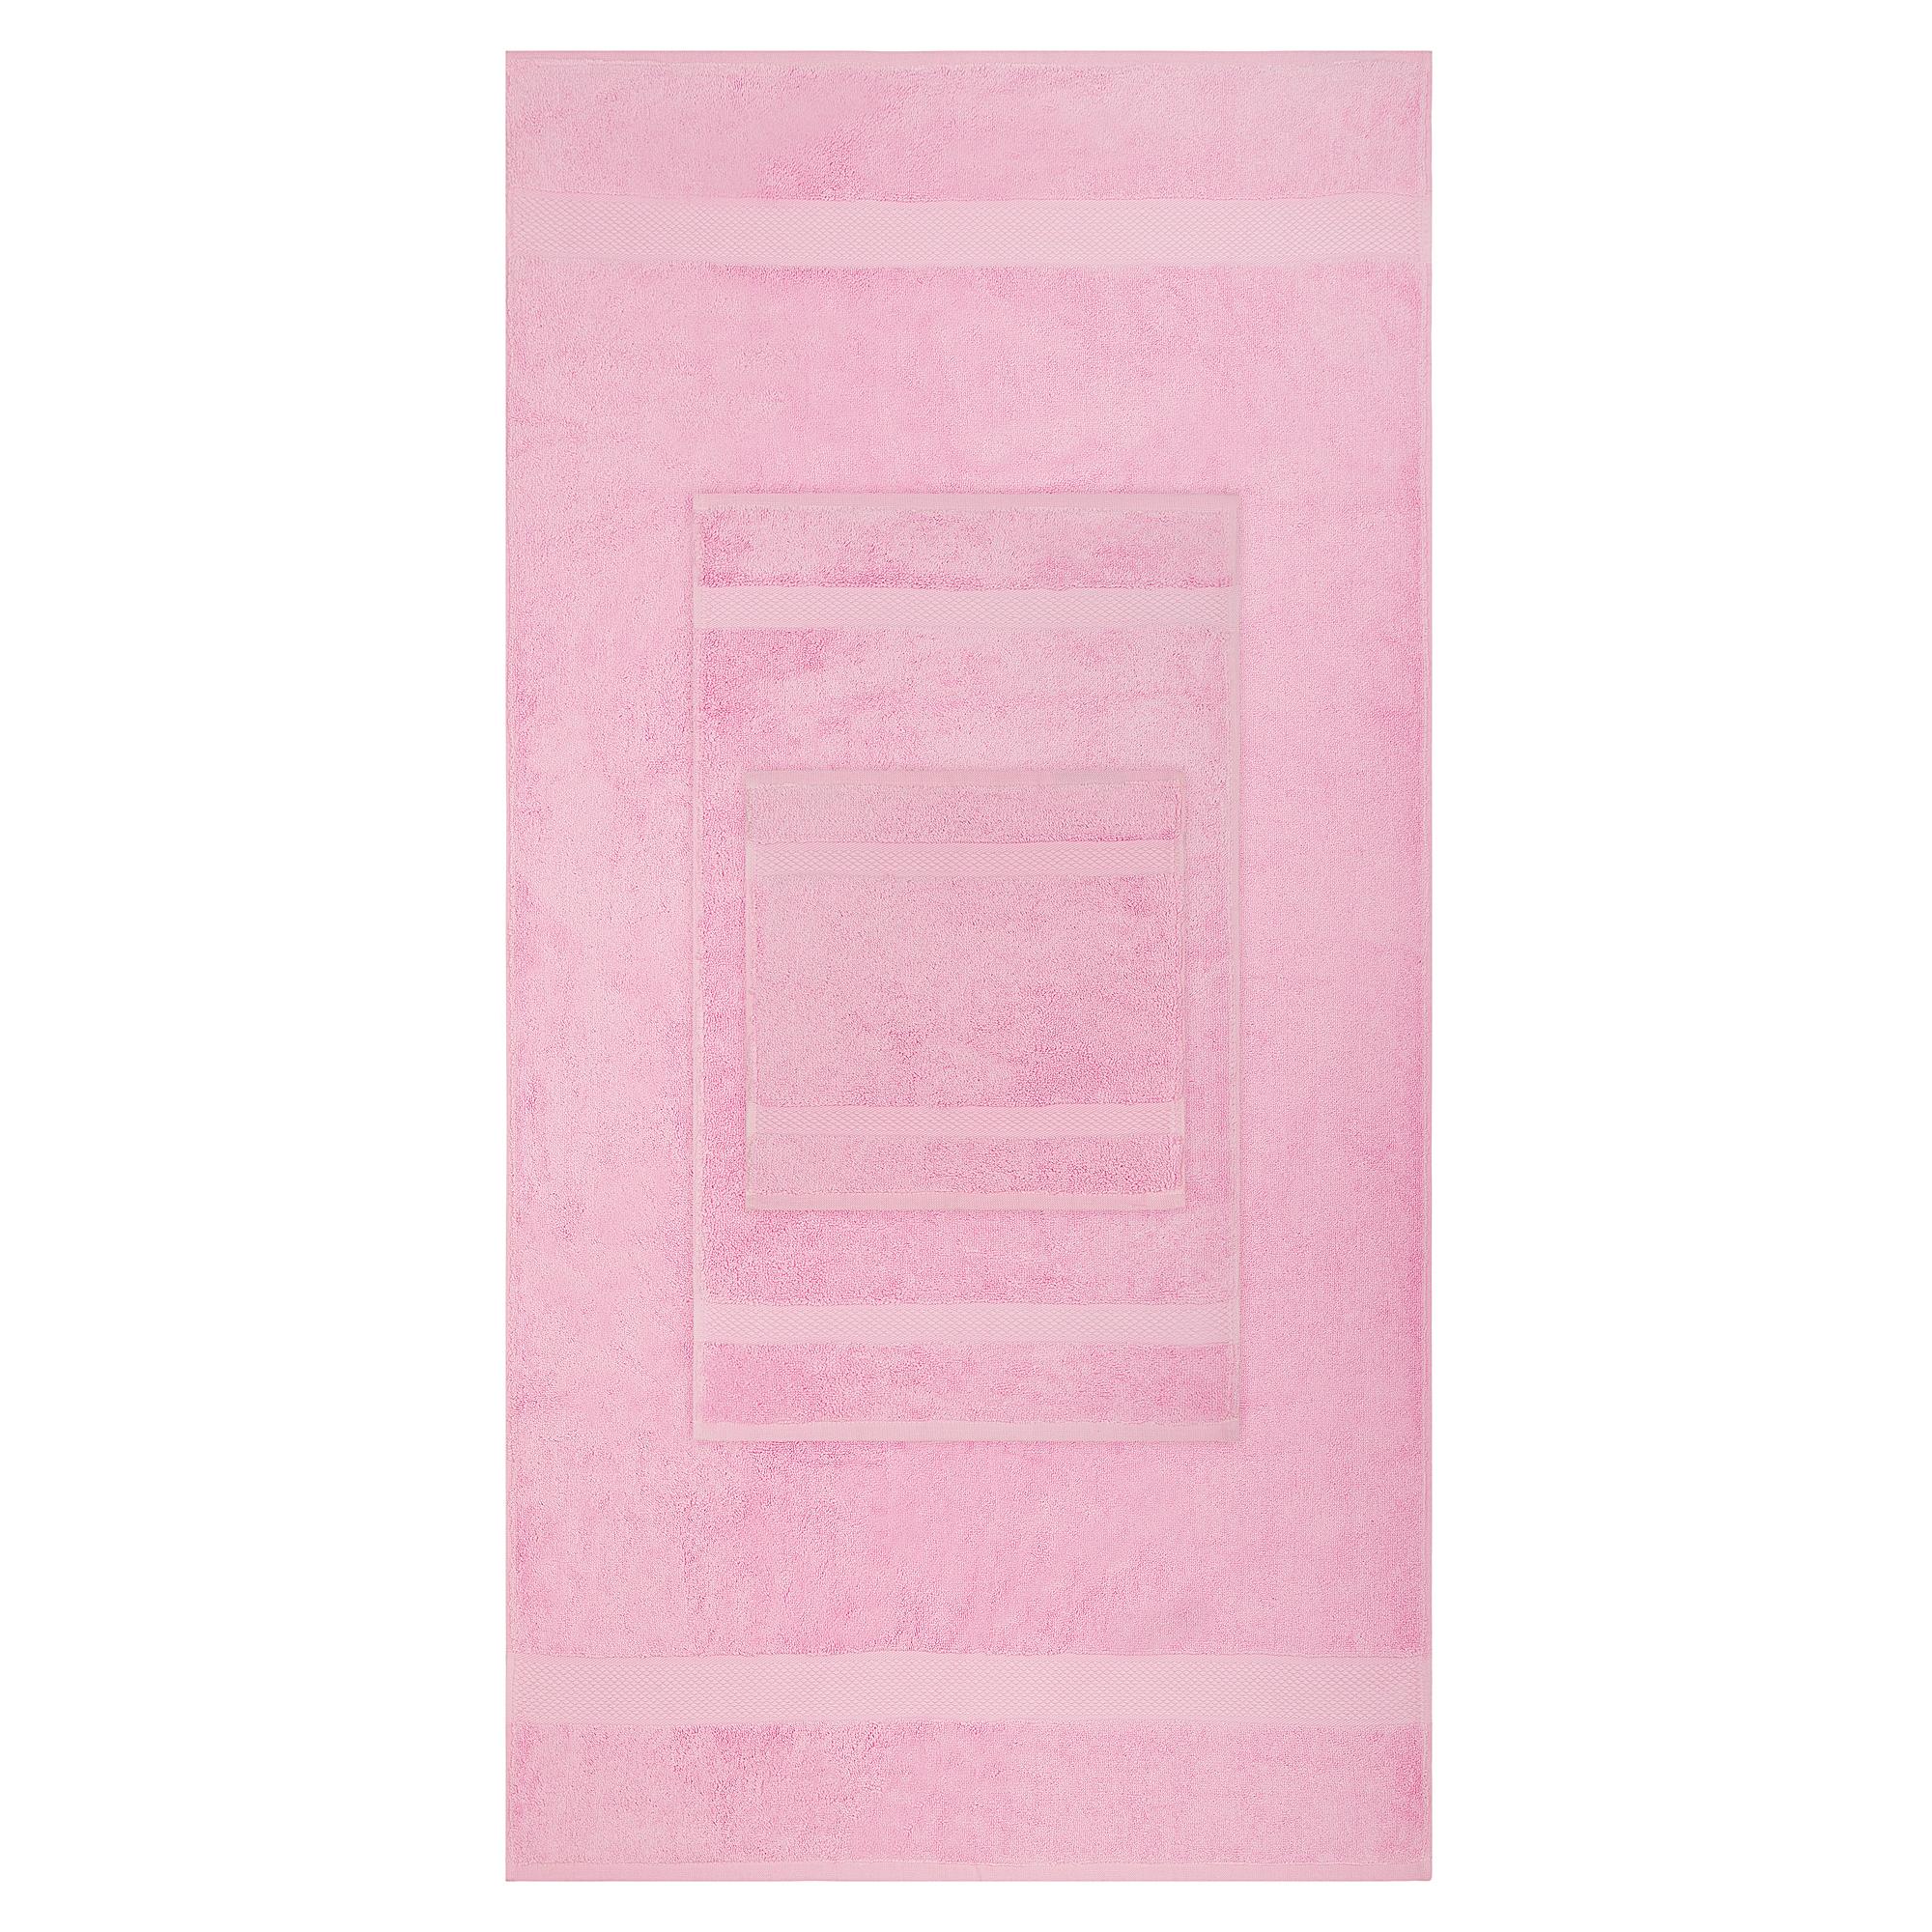 8pcs 700gsm Signature Range Blush Pink Plain 8 Pieces Bale Set Towel